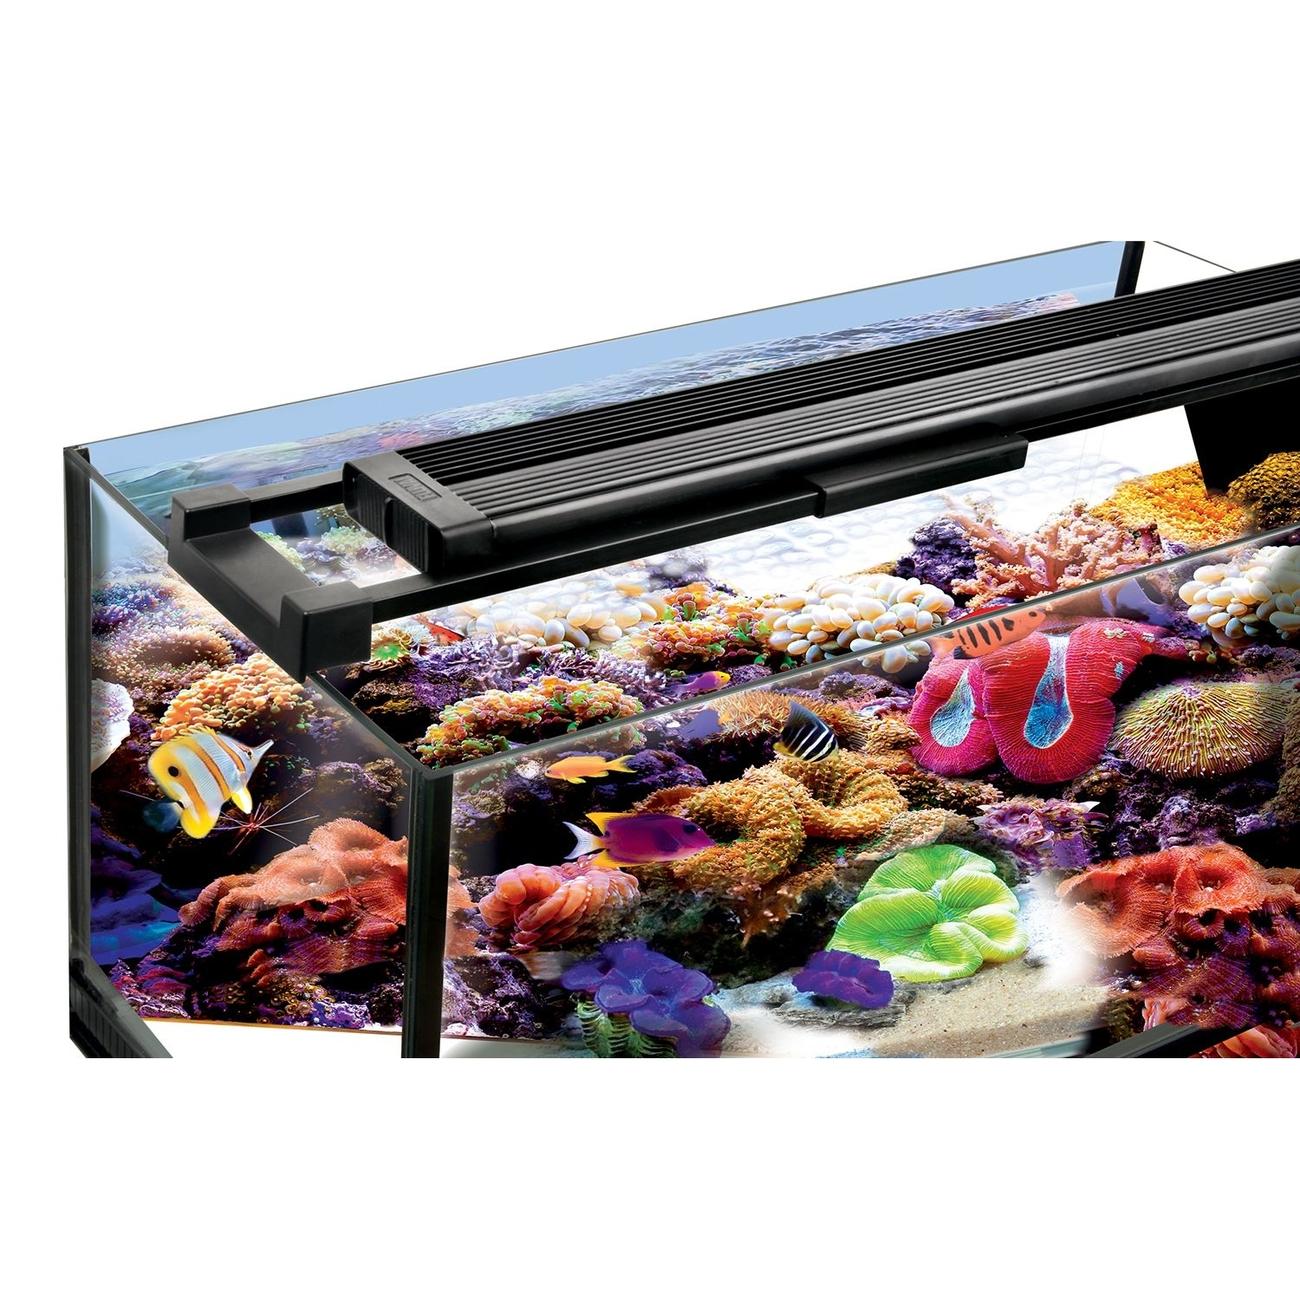 Fluval Marine & Reef 2.0, Bild 4